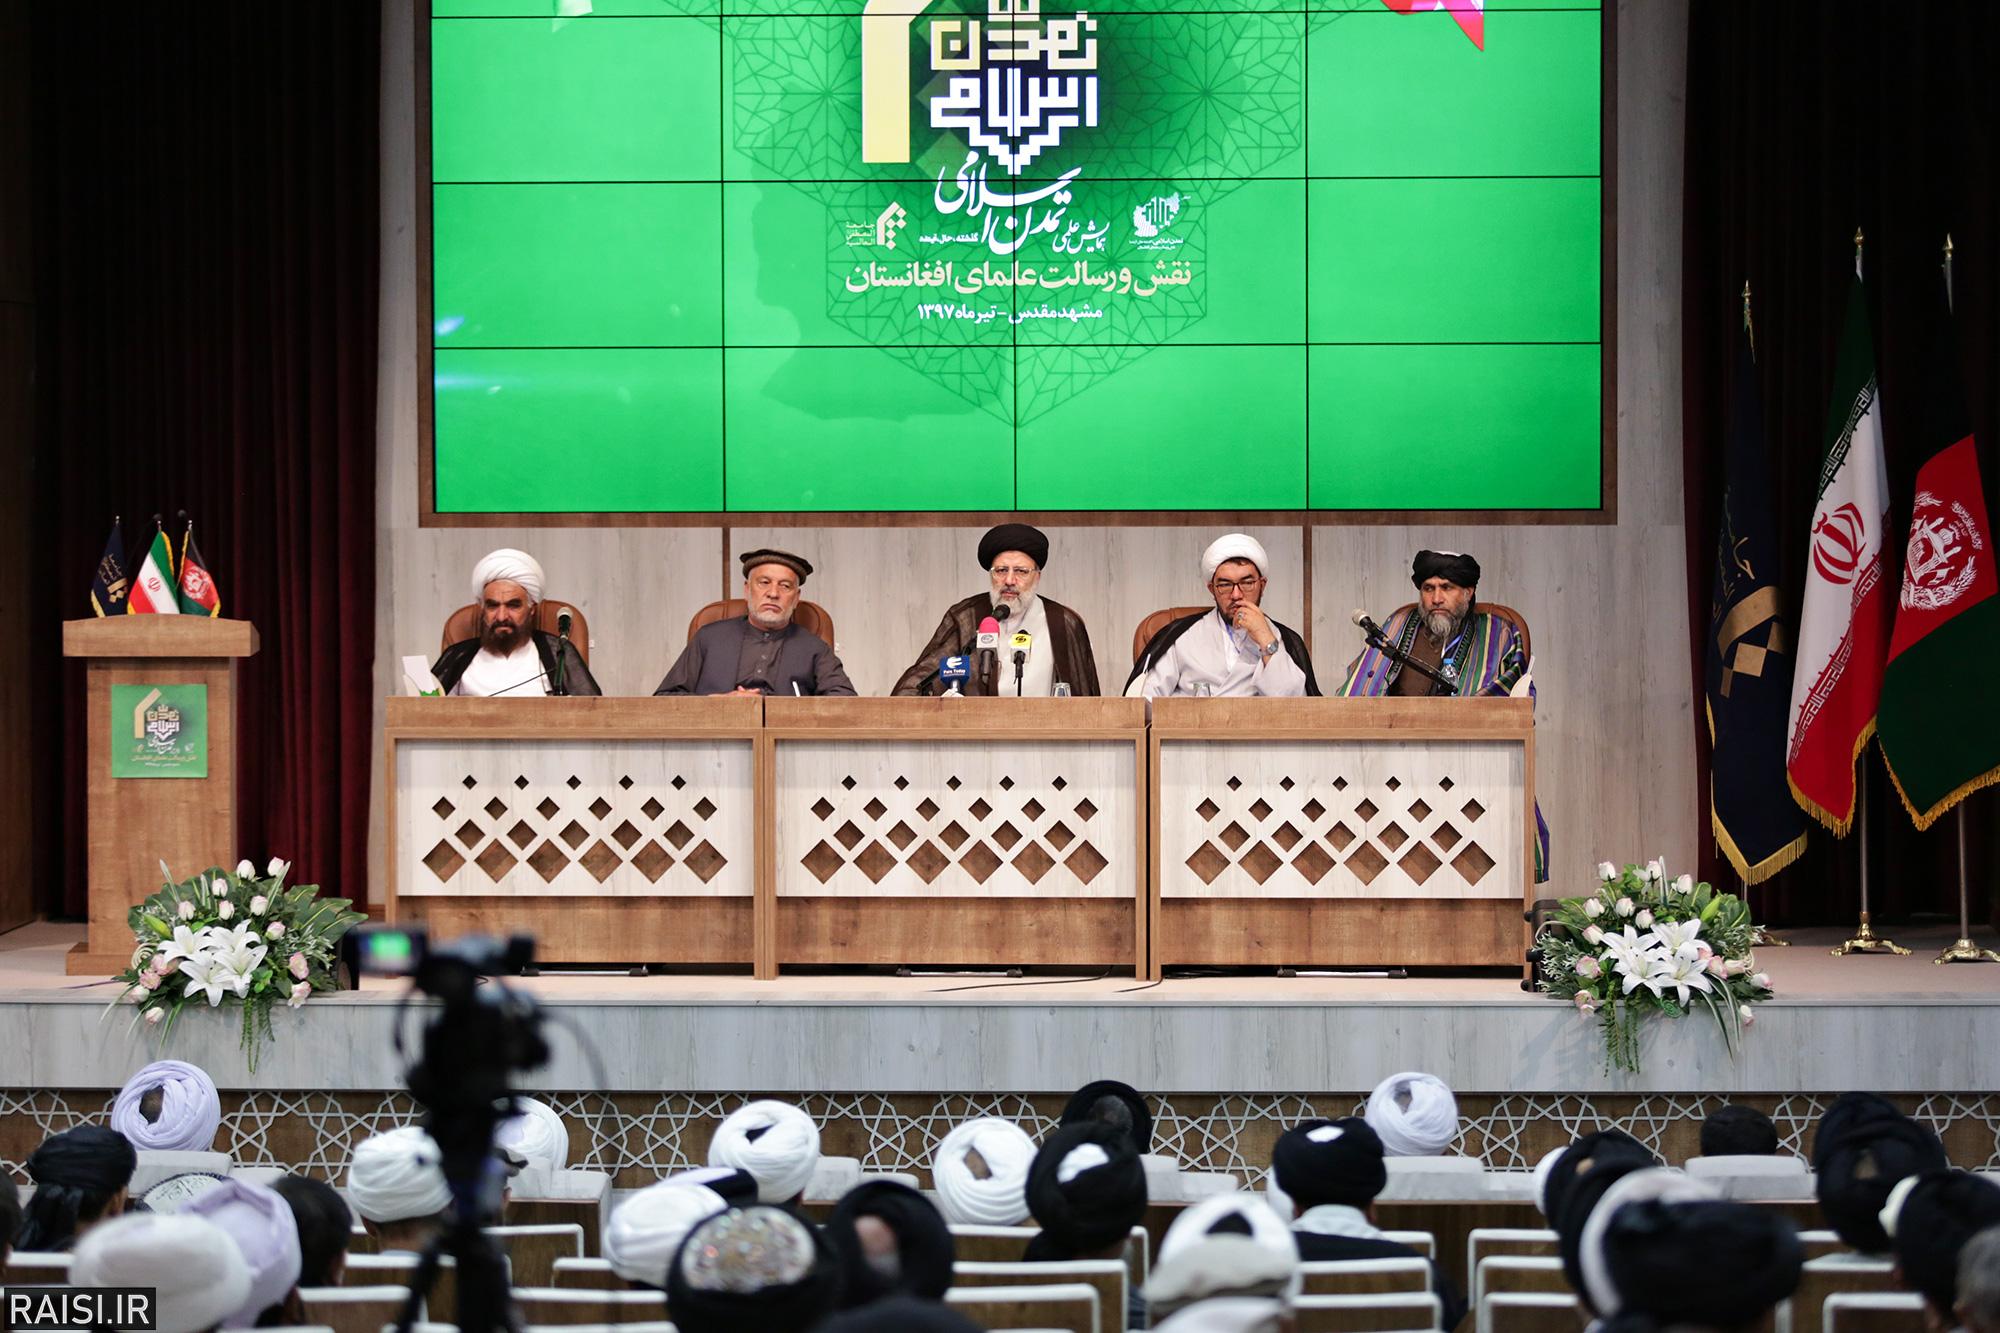 همایش نقش و رسالت علمای افغانستان با حضور تولیت آستان قدس رضوی